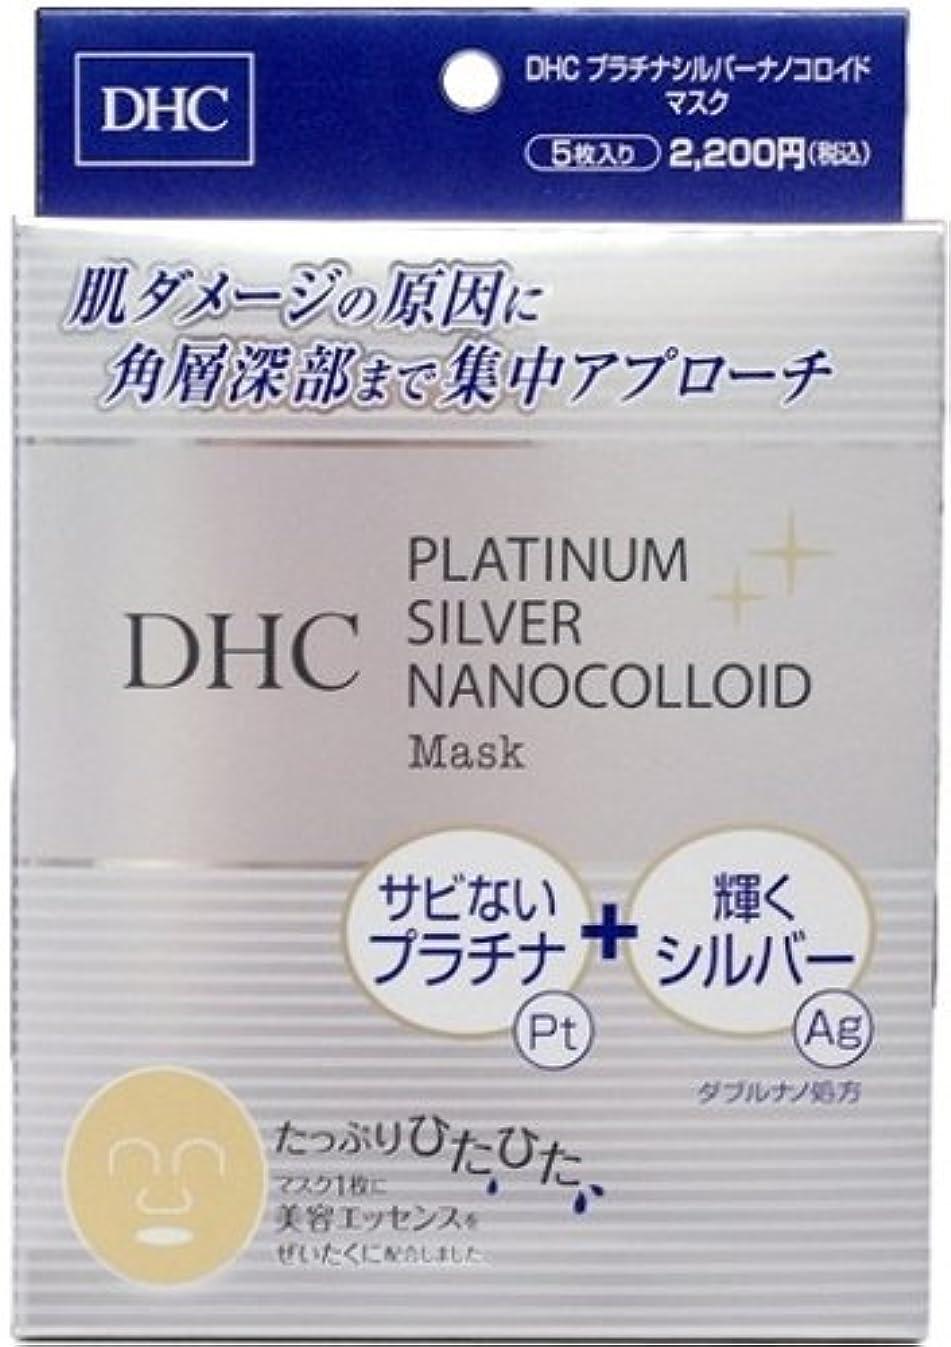 フェロー諸島番号汗DHC PAナノコロイドマスク 5回分 (21ml×5枚)